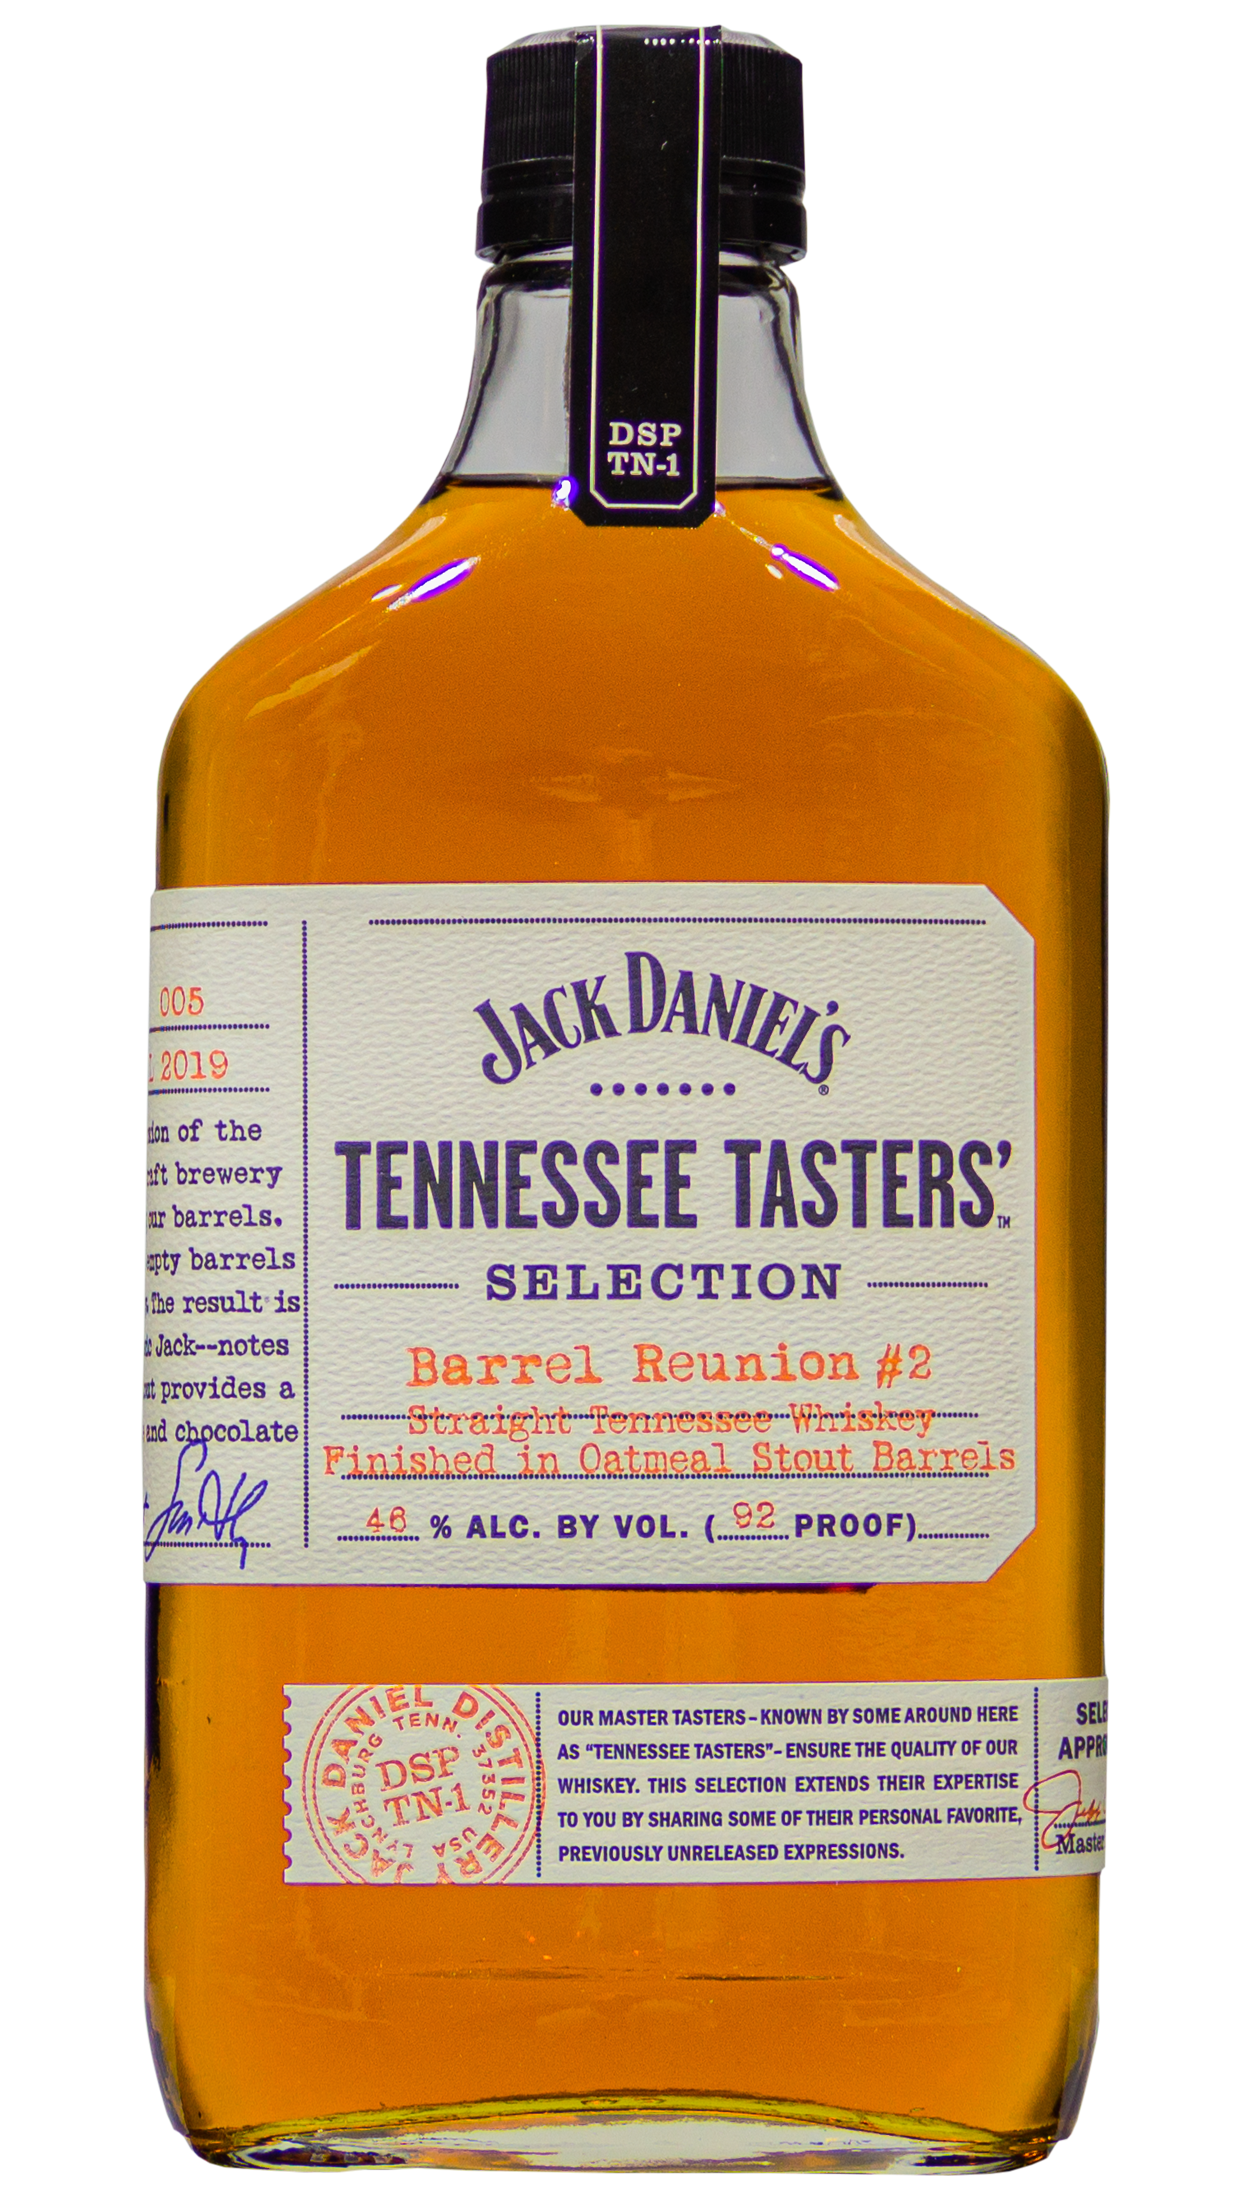 125th Anniversary Bottle Jack Daniels Bottles In 2020 Jack Daniels Bourbon Jack Daniels Jack Daniels Birthday